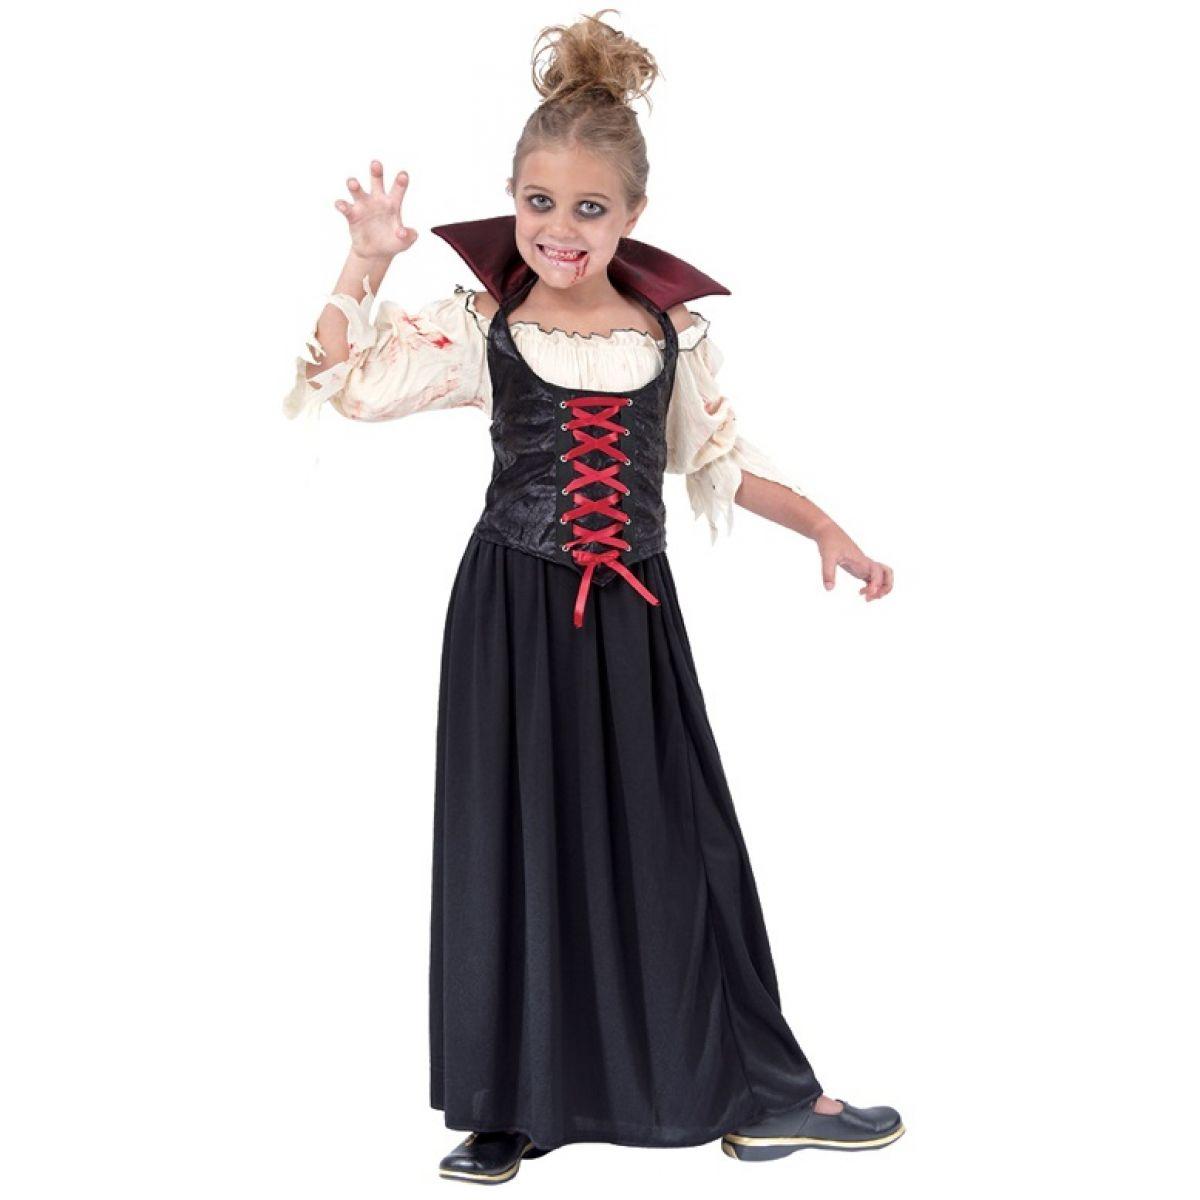 HM Studio Dětský kostým Vampírka 130 - 140 cm